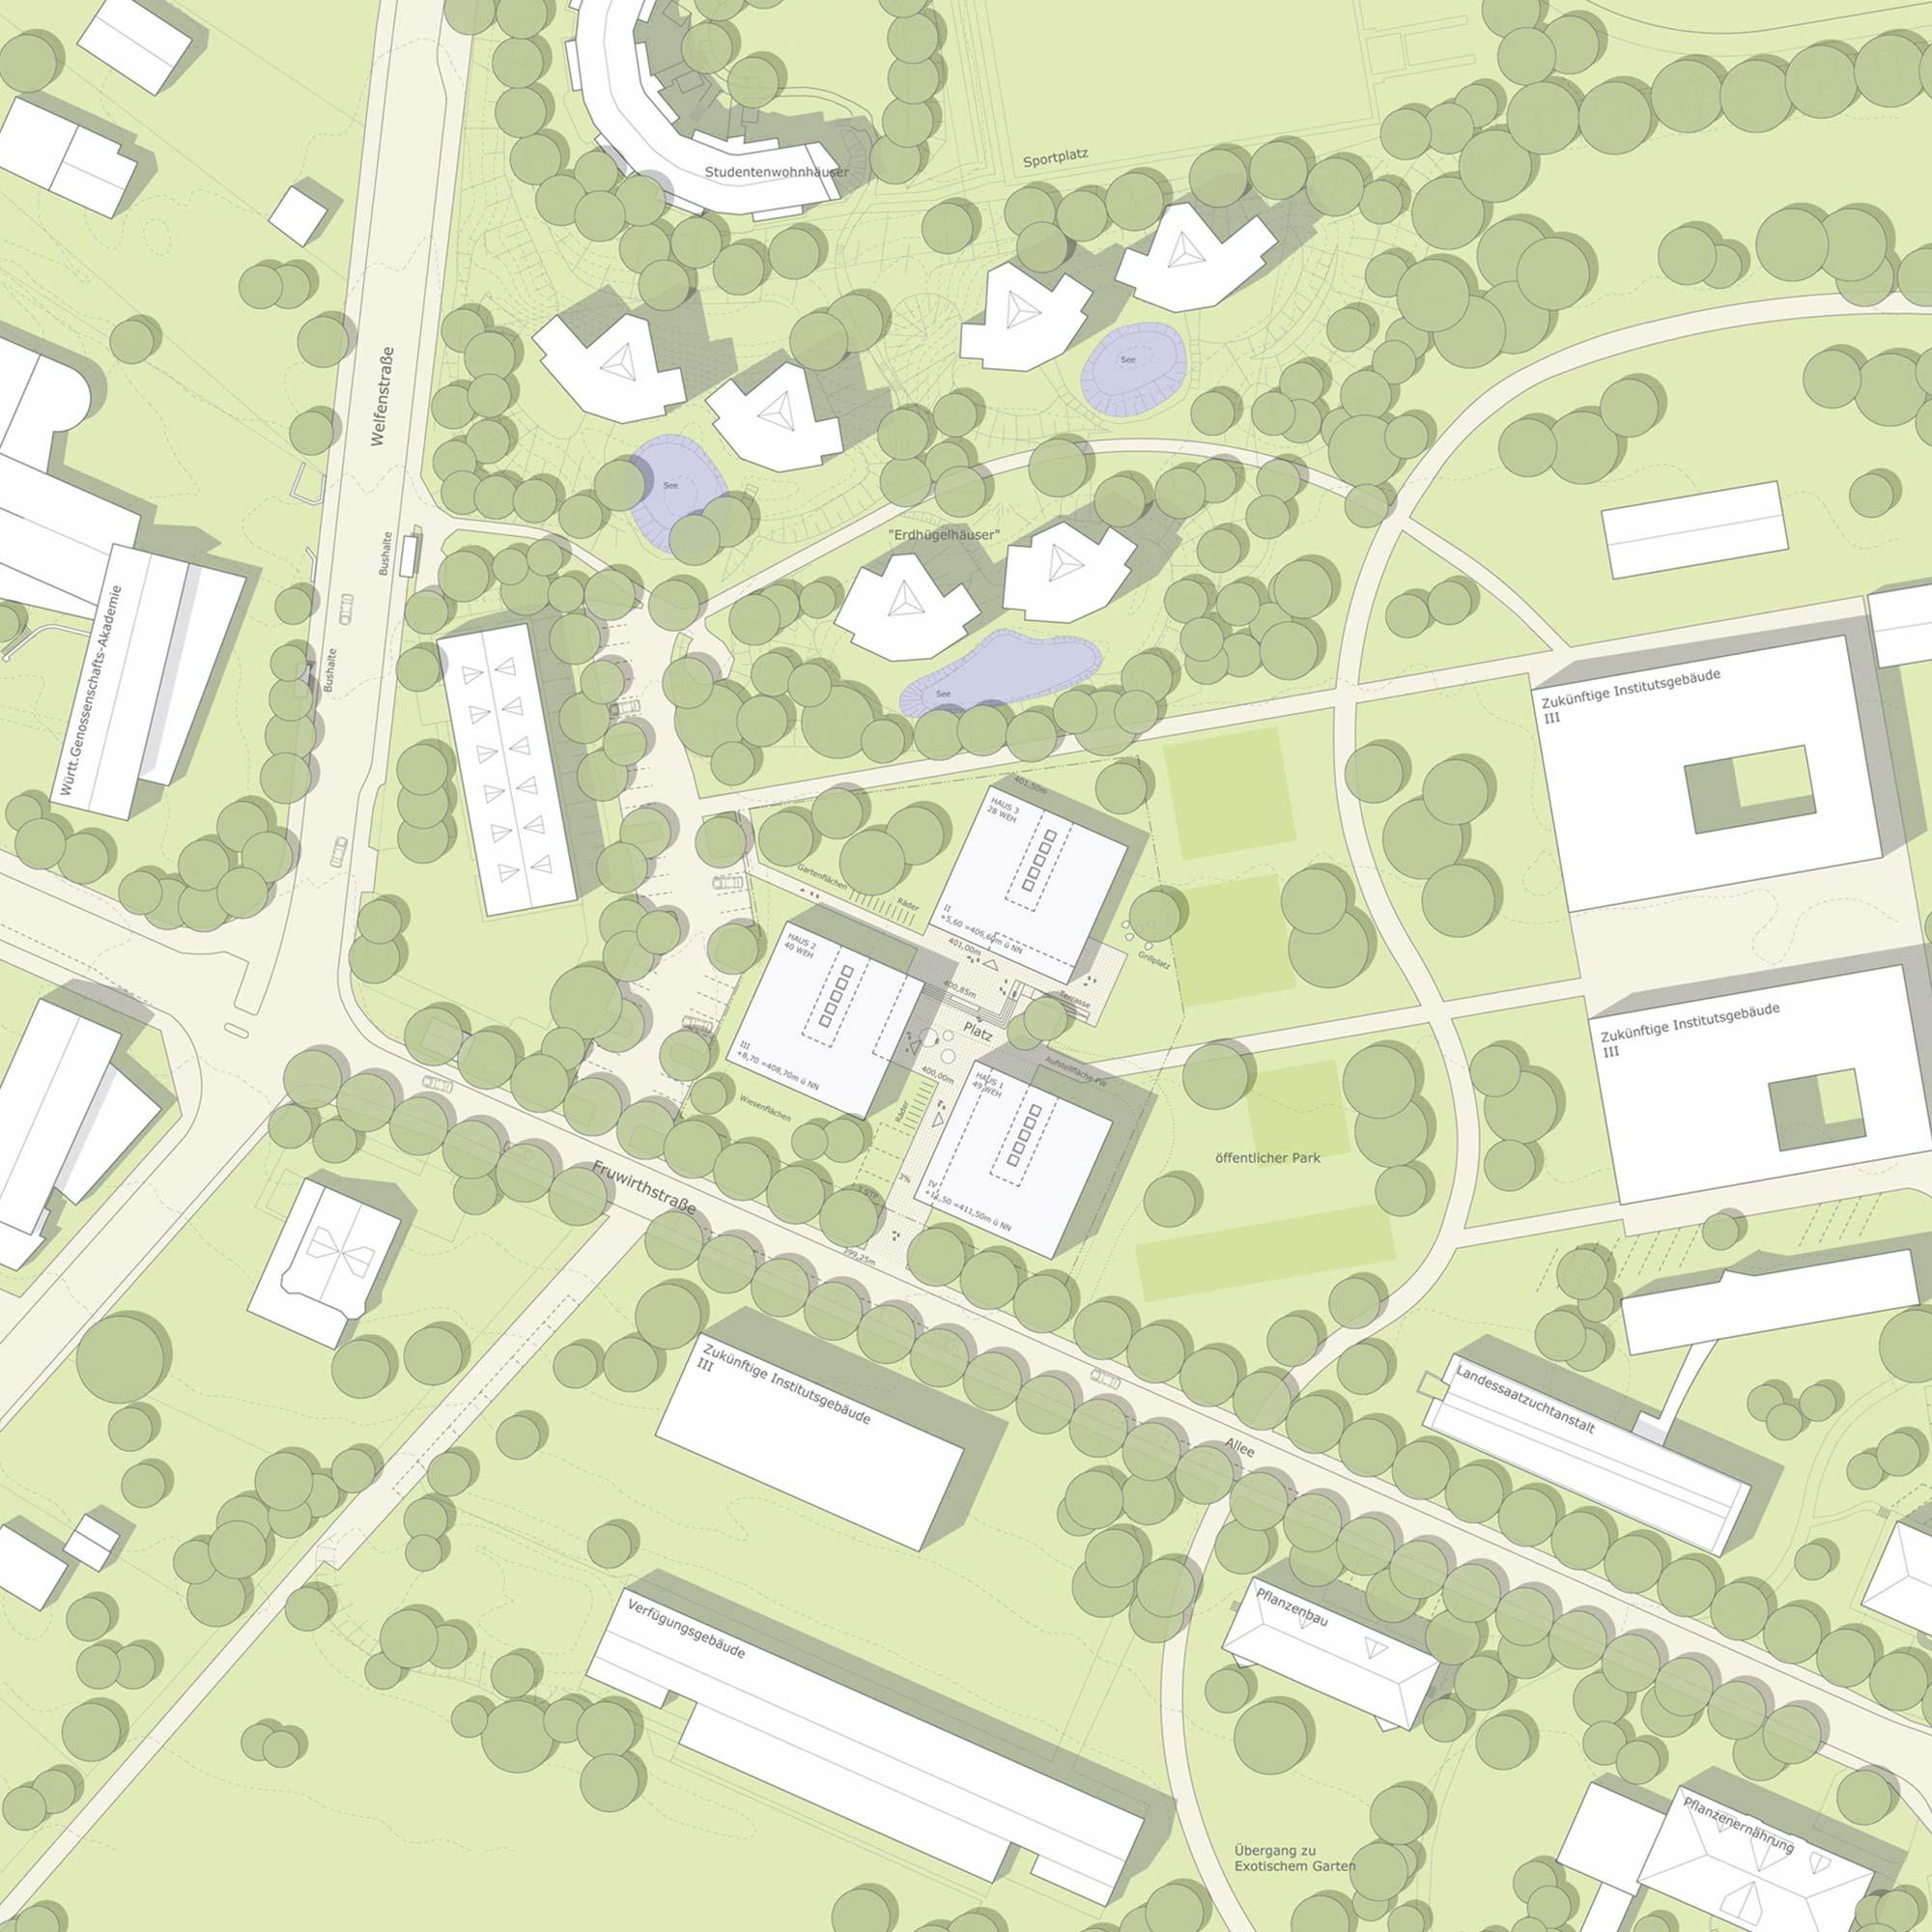 Wohnen für Studierende Stuttgart - Landschaftsarchitektur - Lageplan